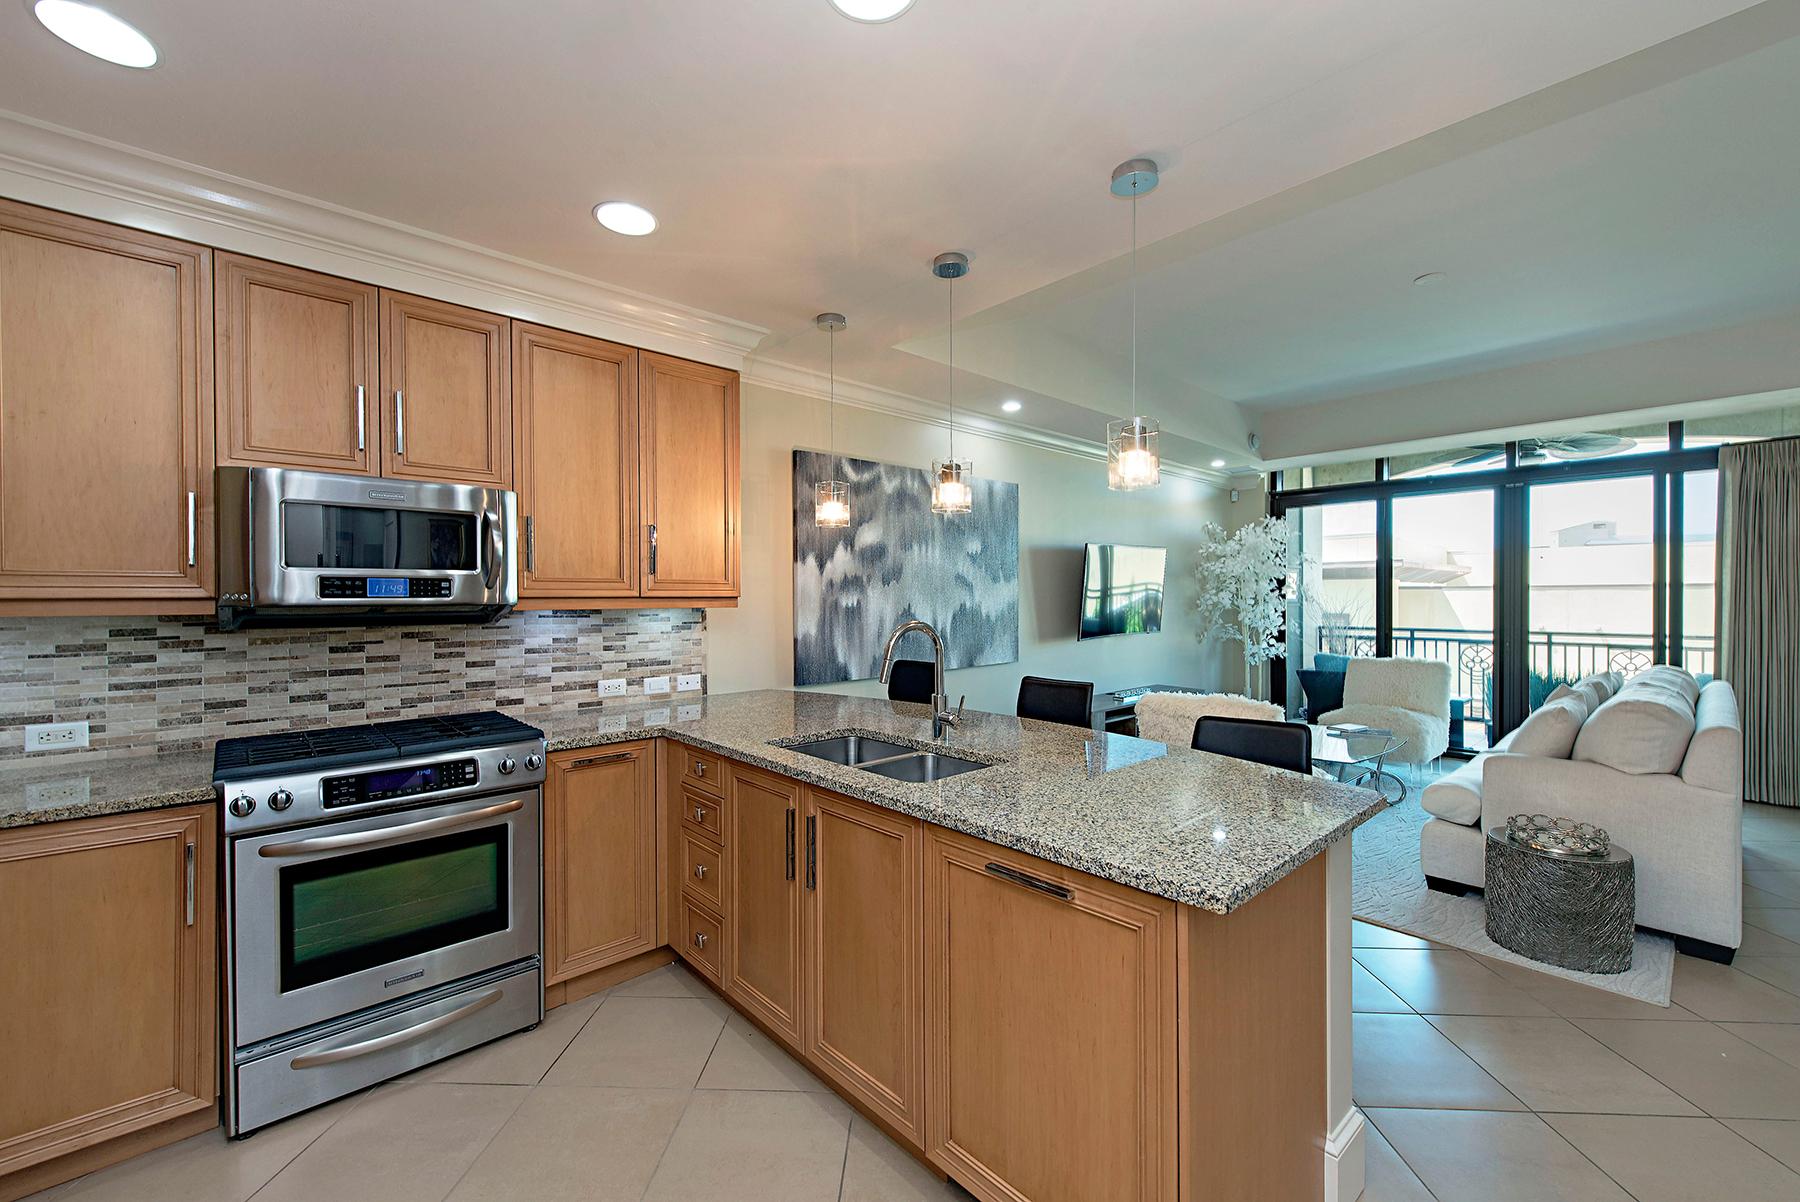 Eigentumswohnung für Verkauf beim Mercato 9123 Strada Pl 7508 Naples, Florida, 34108 Vereinigte Staaten